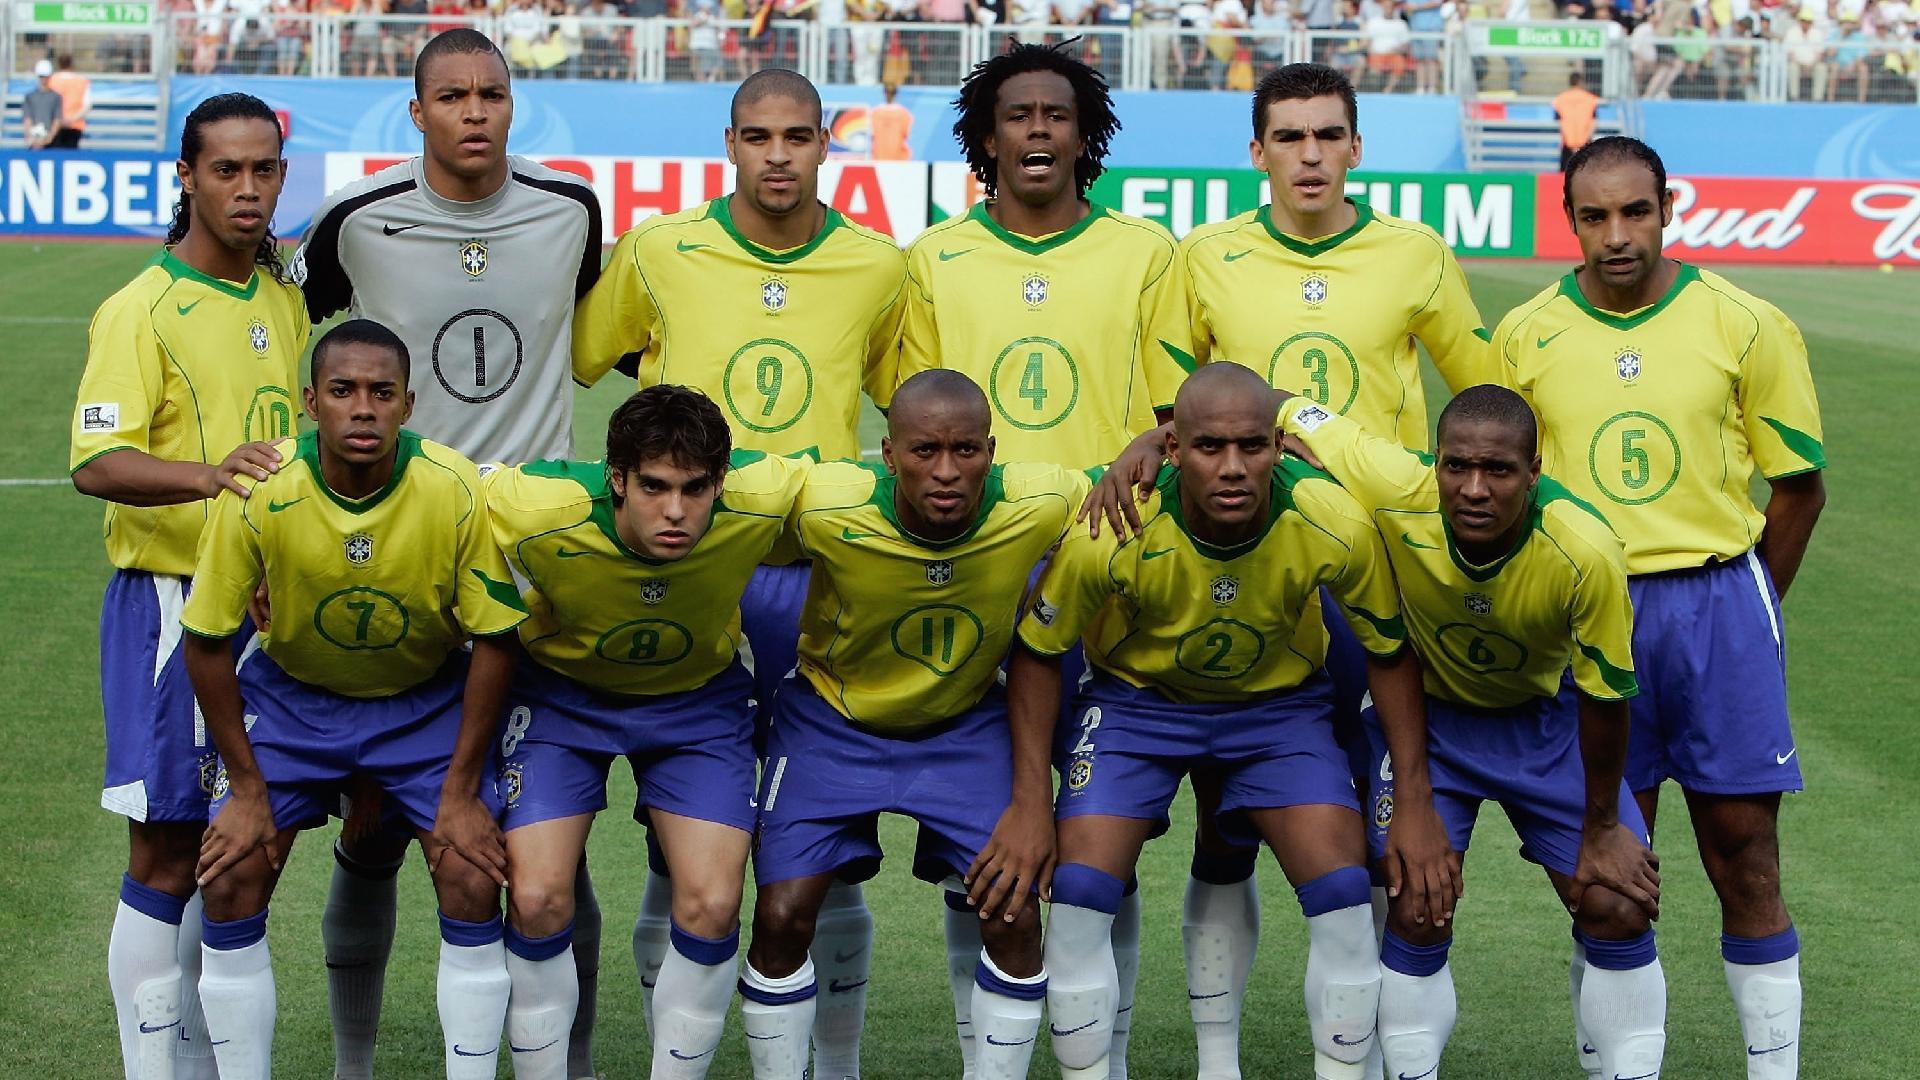 Jogadores do Brasil posam para foto antes da partida contra a Alemanha na Copa das Confederações de 2005